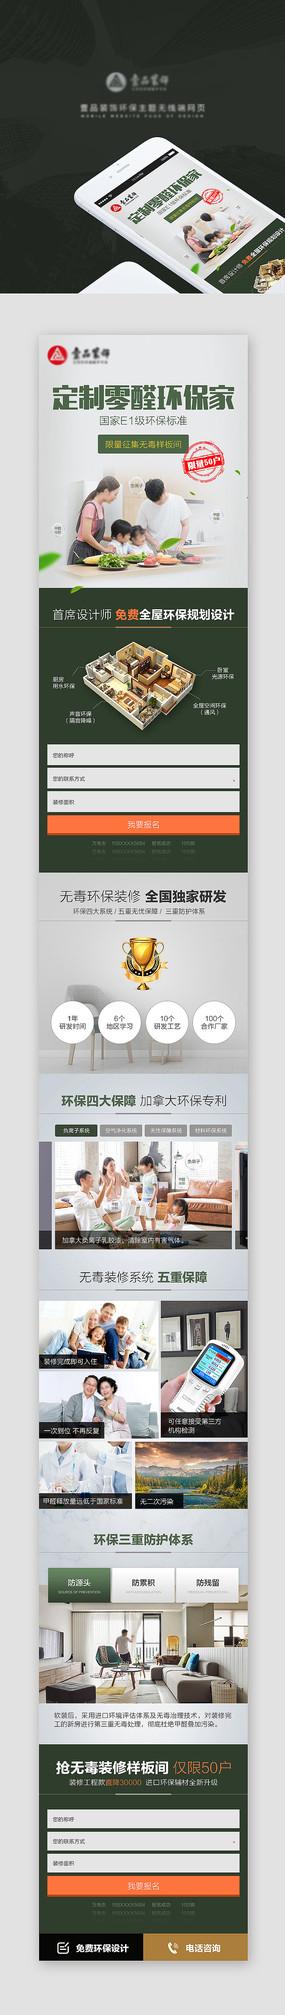 装修公司环保无线端页面设计